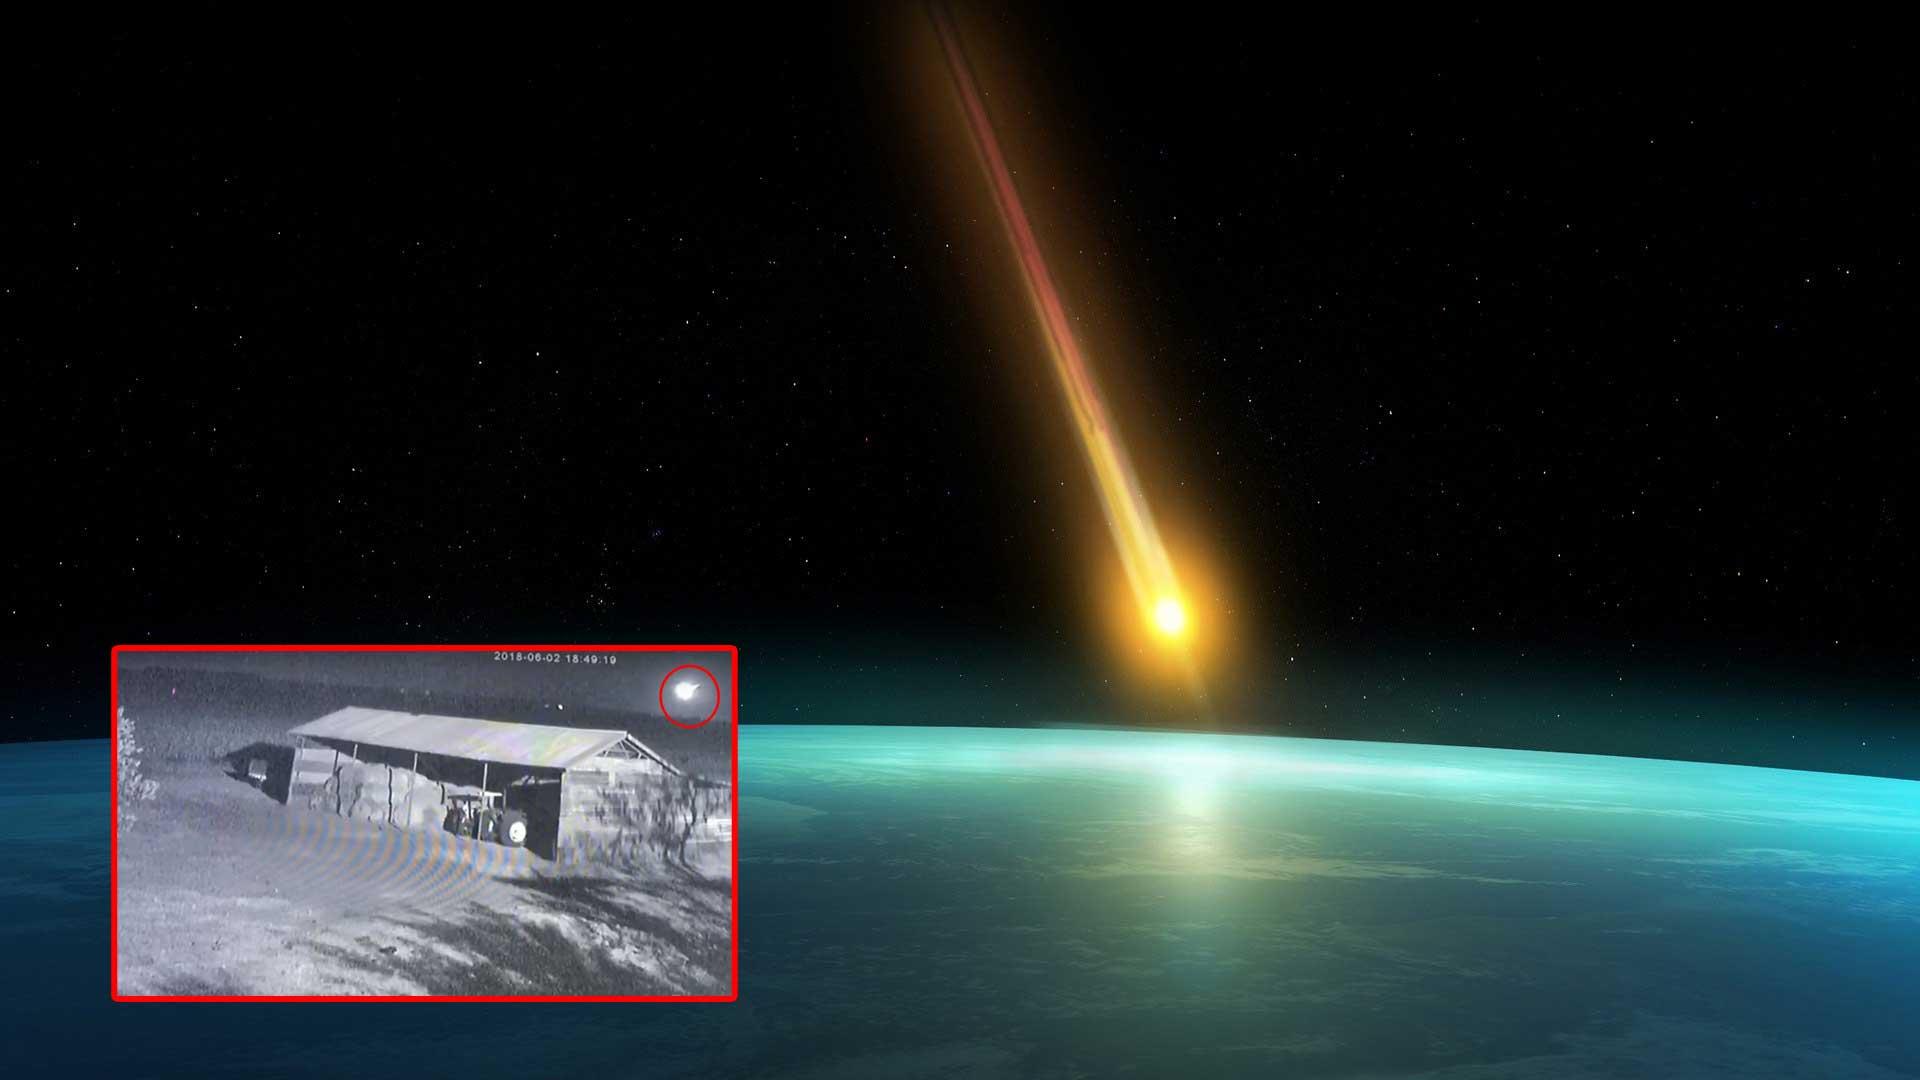 Un asteroide impactó contra la tierra y apenas nos dimos cuenta